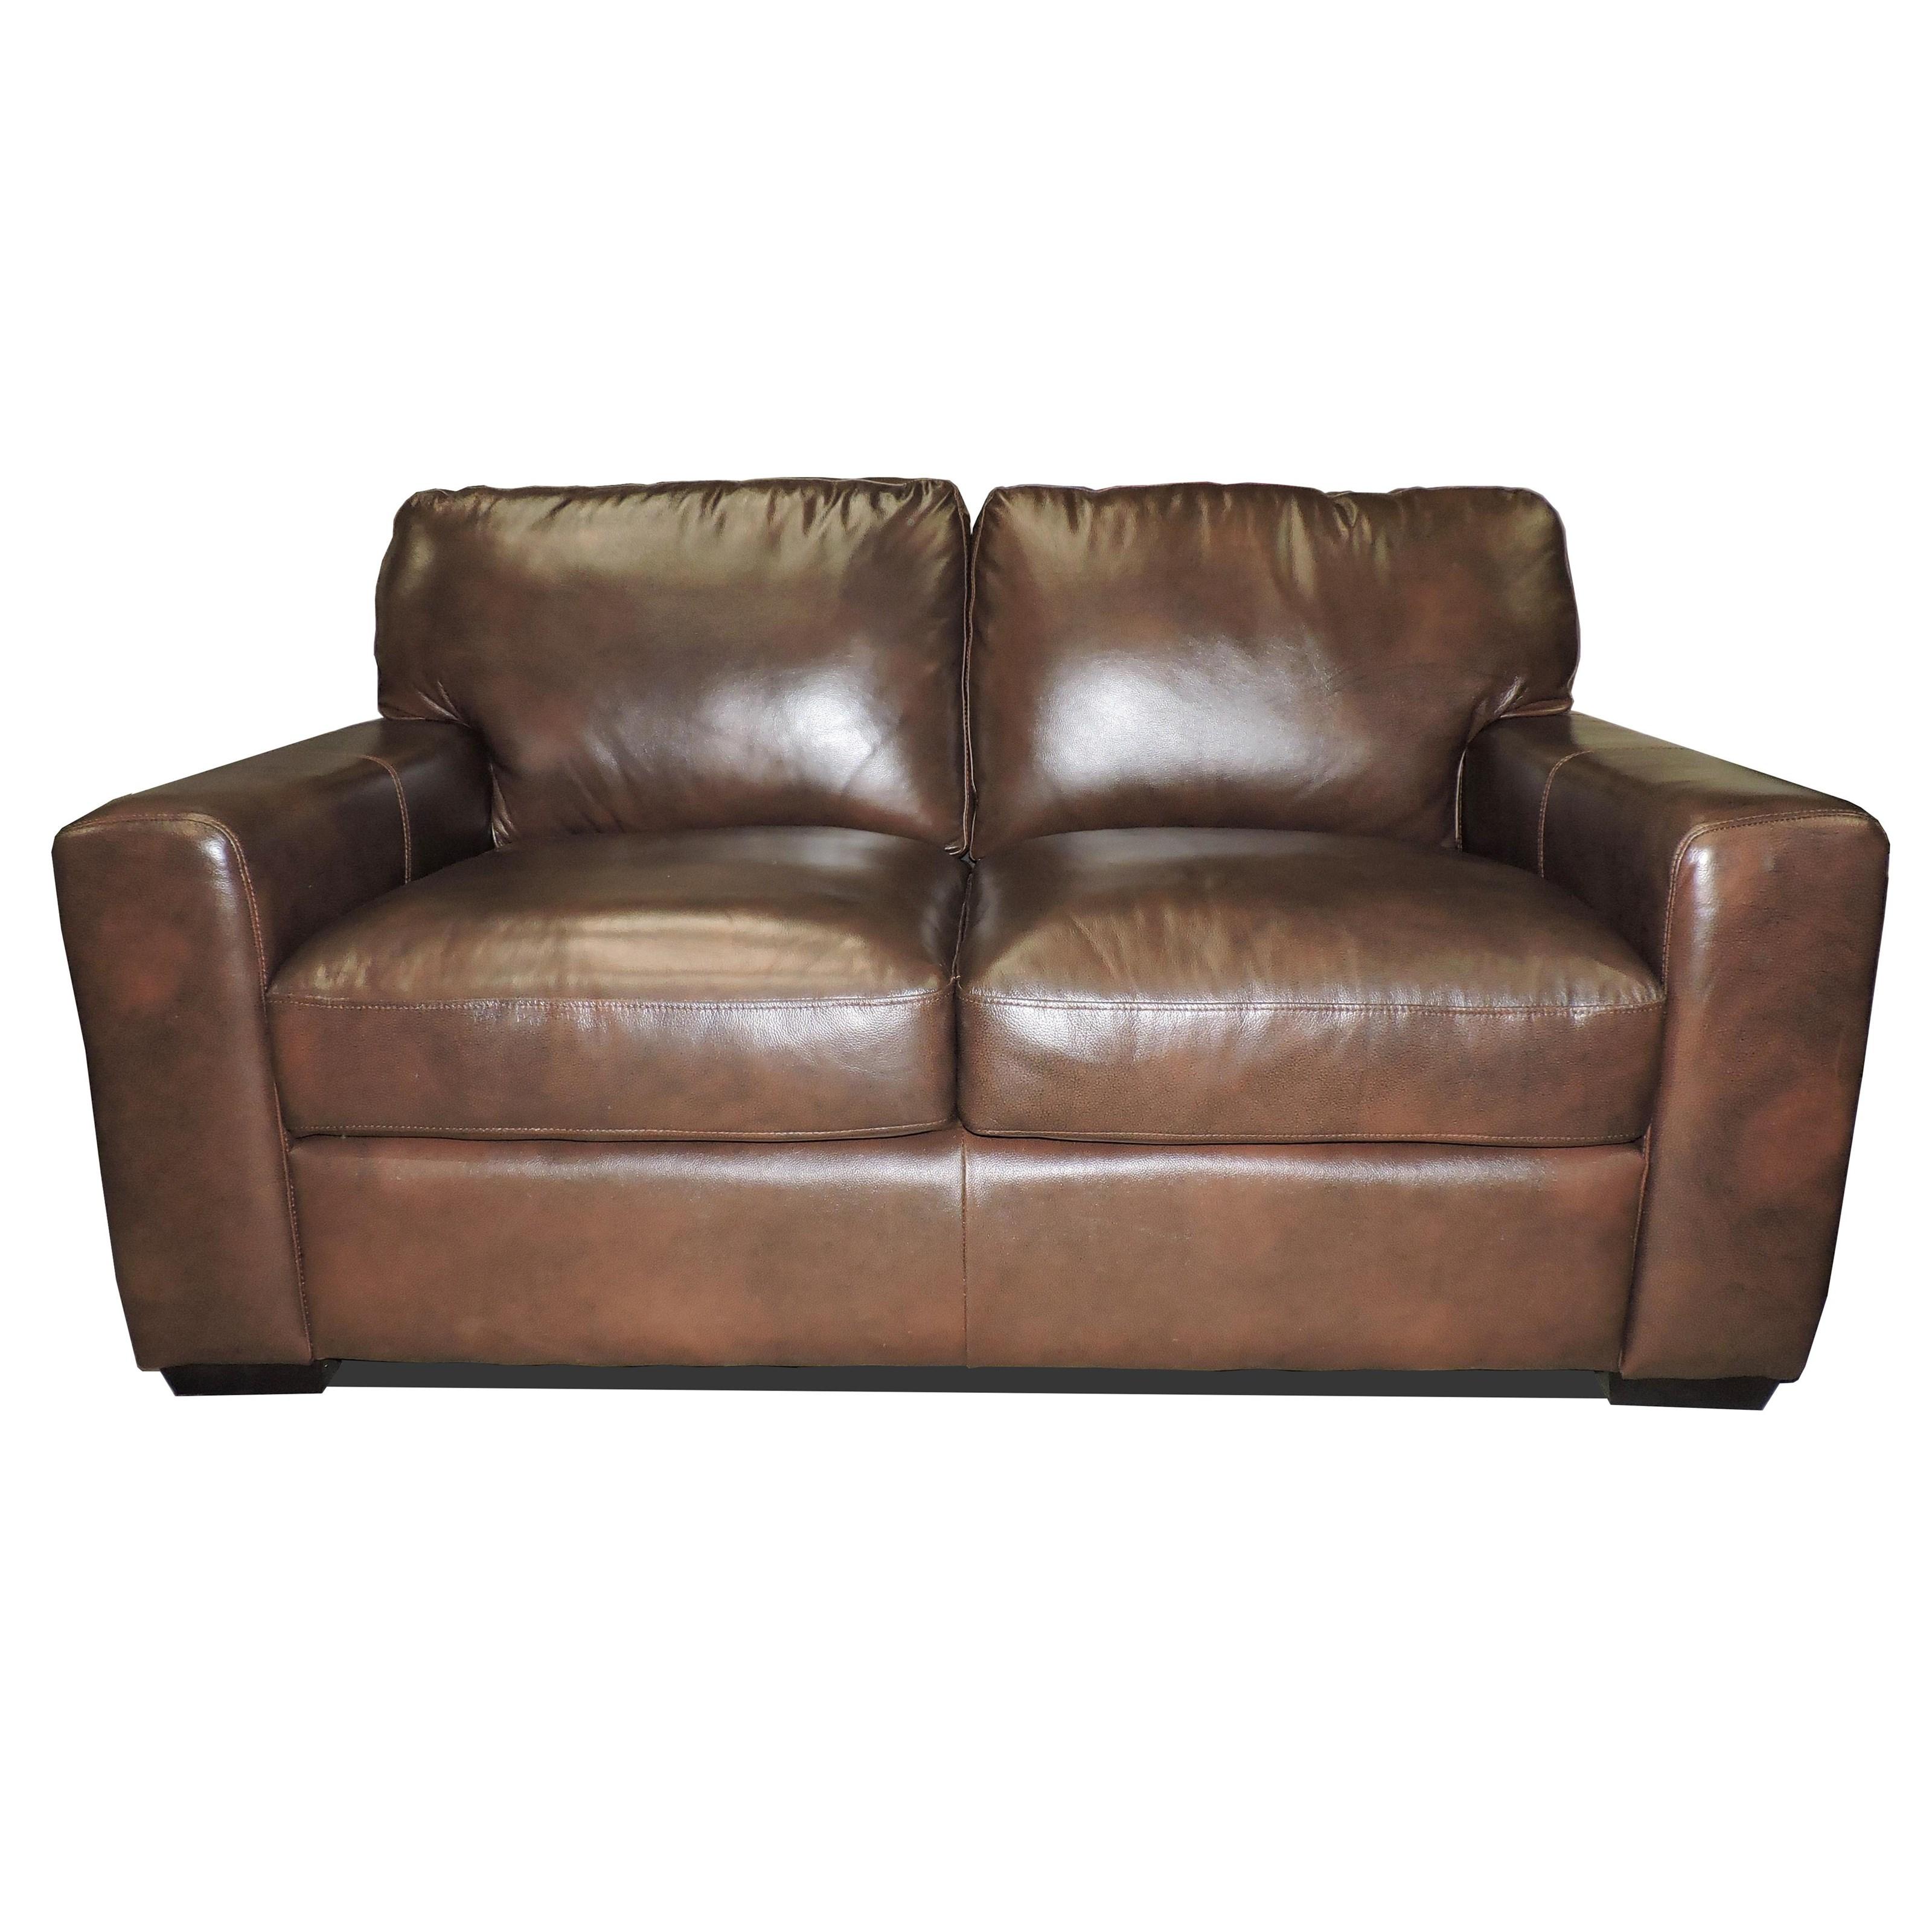 Leather Italia USA Woodburn Love Seat - Item Number: 2218-02